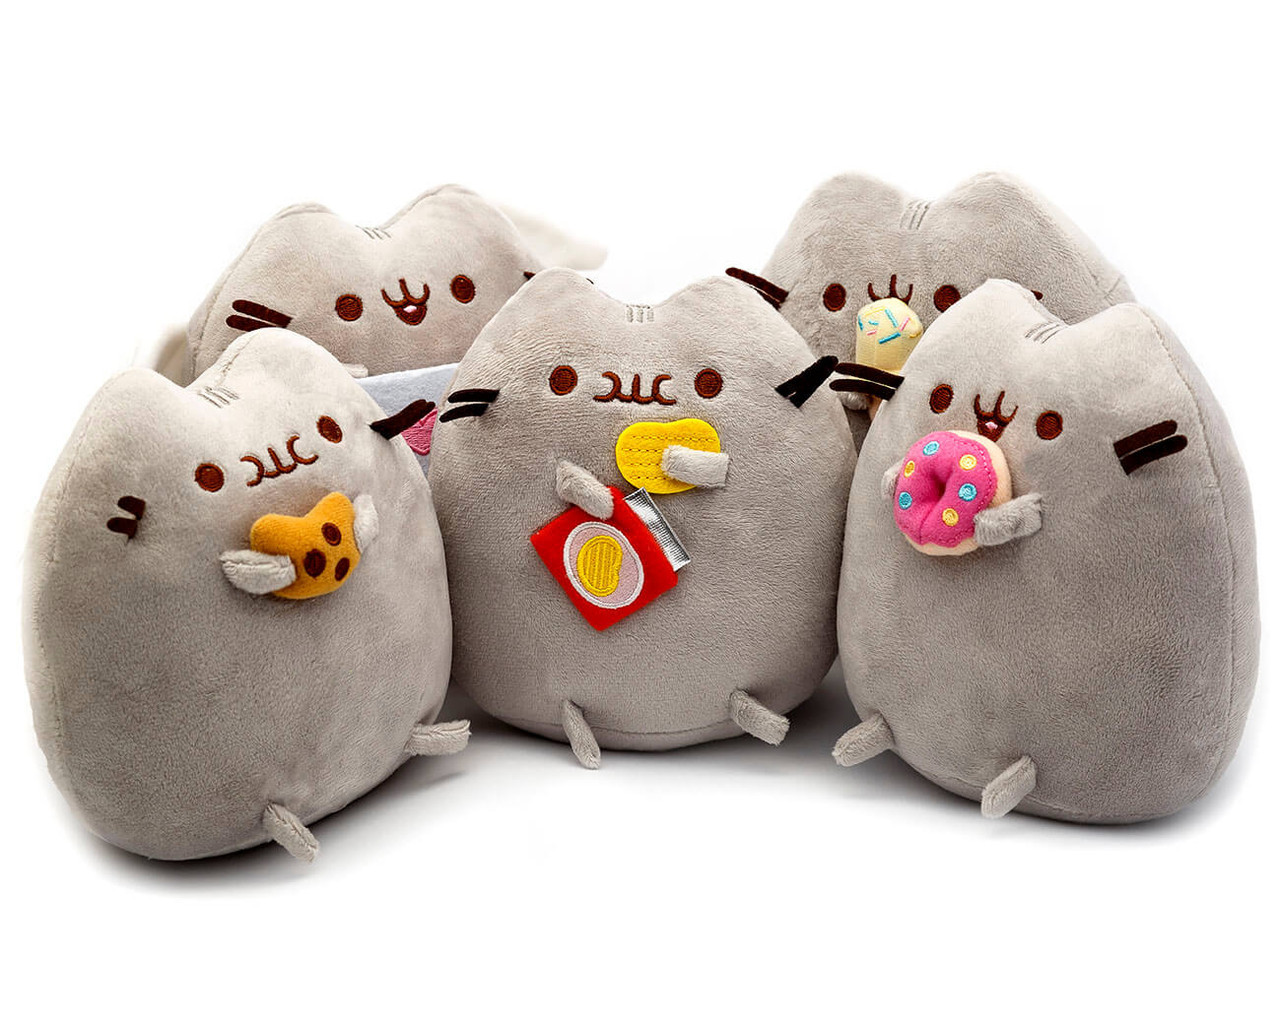 Комплект Мягких игрушек коты Pusheen cat из пяти штук (vol-754)